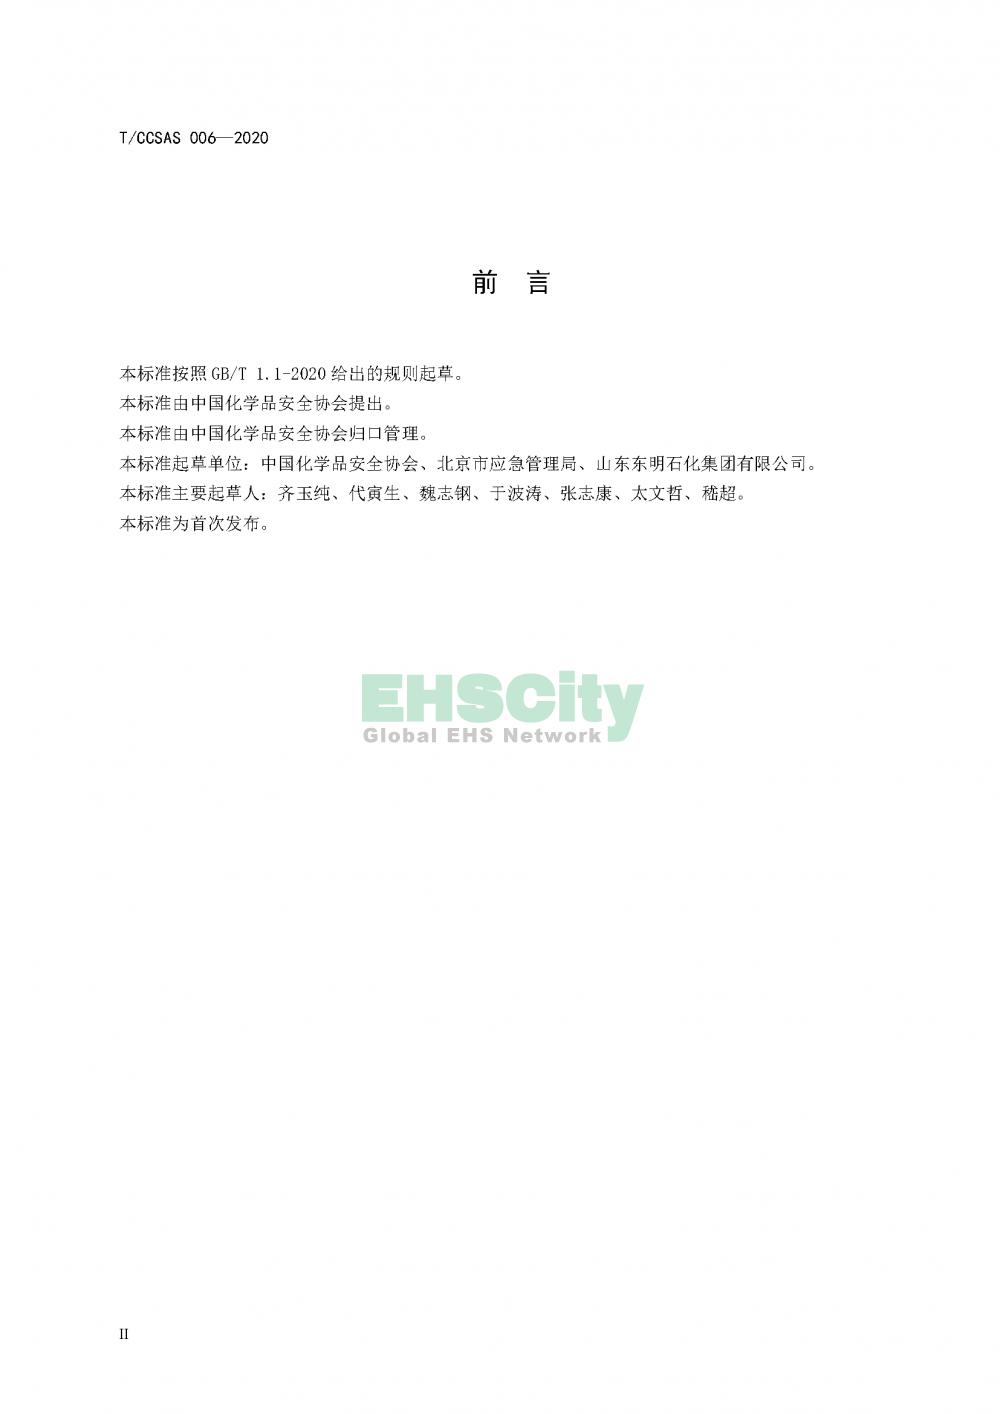 《化工企业装置设施拆除安全管理规范》_页面_04